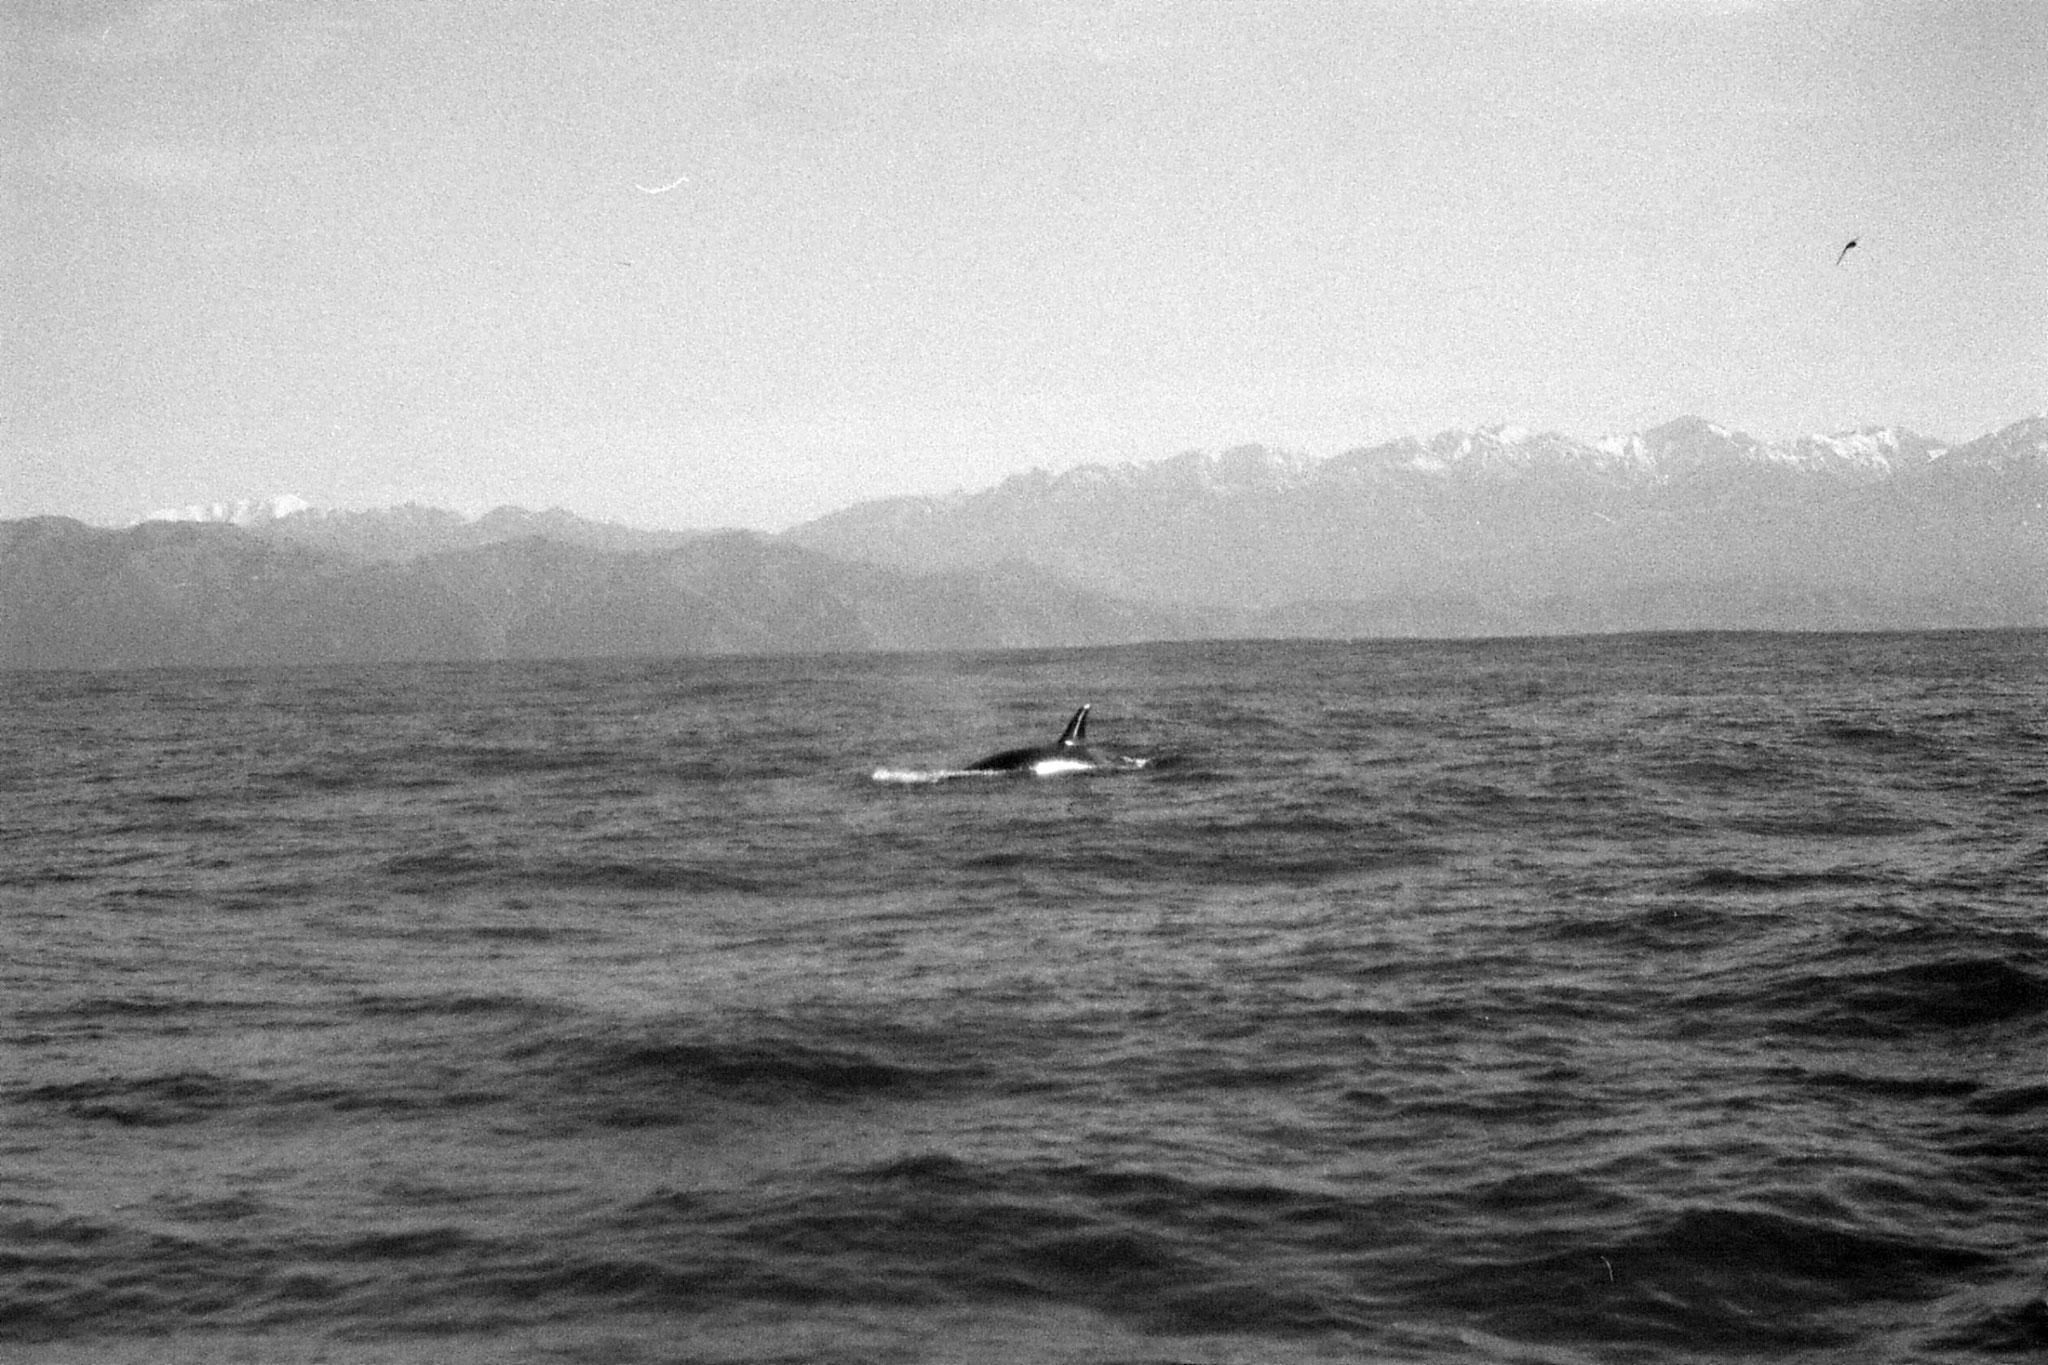 9/8/1990: 13:Kaikoura: killer whale